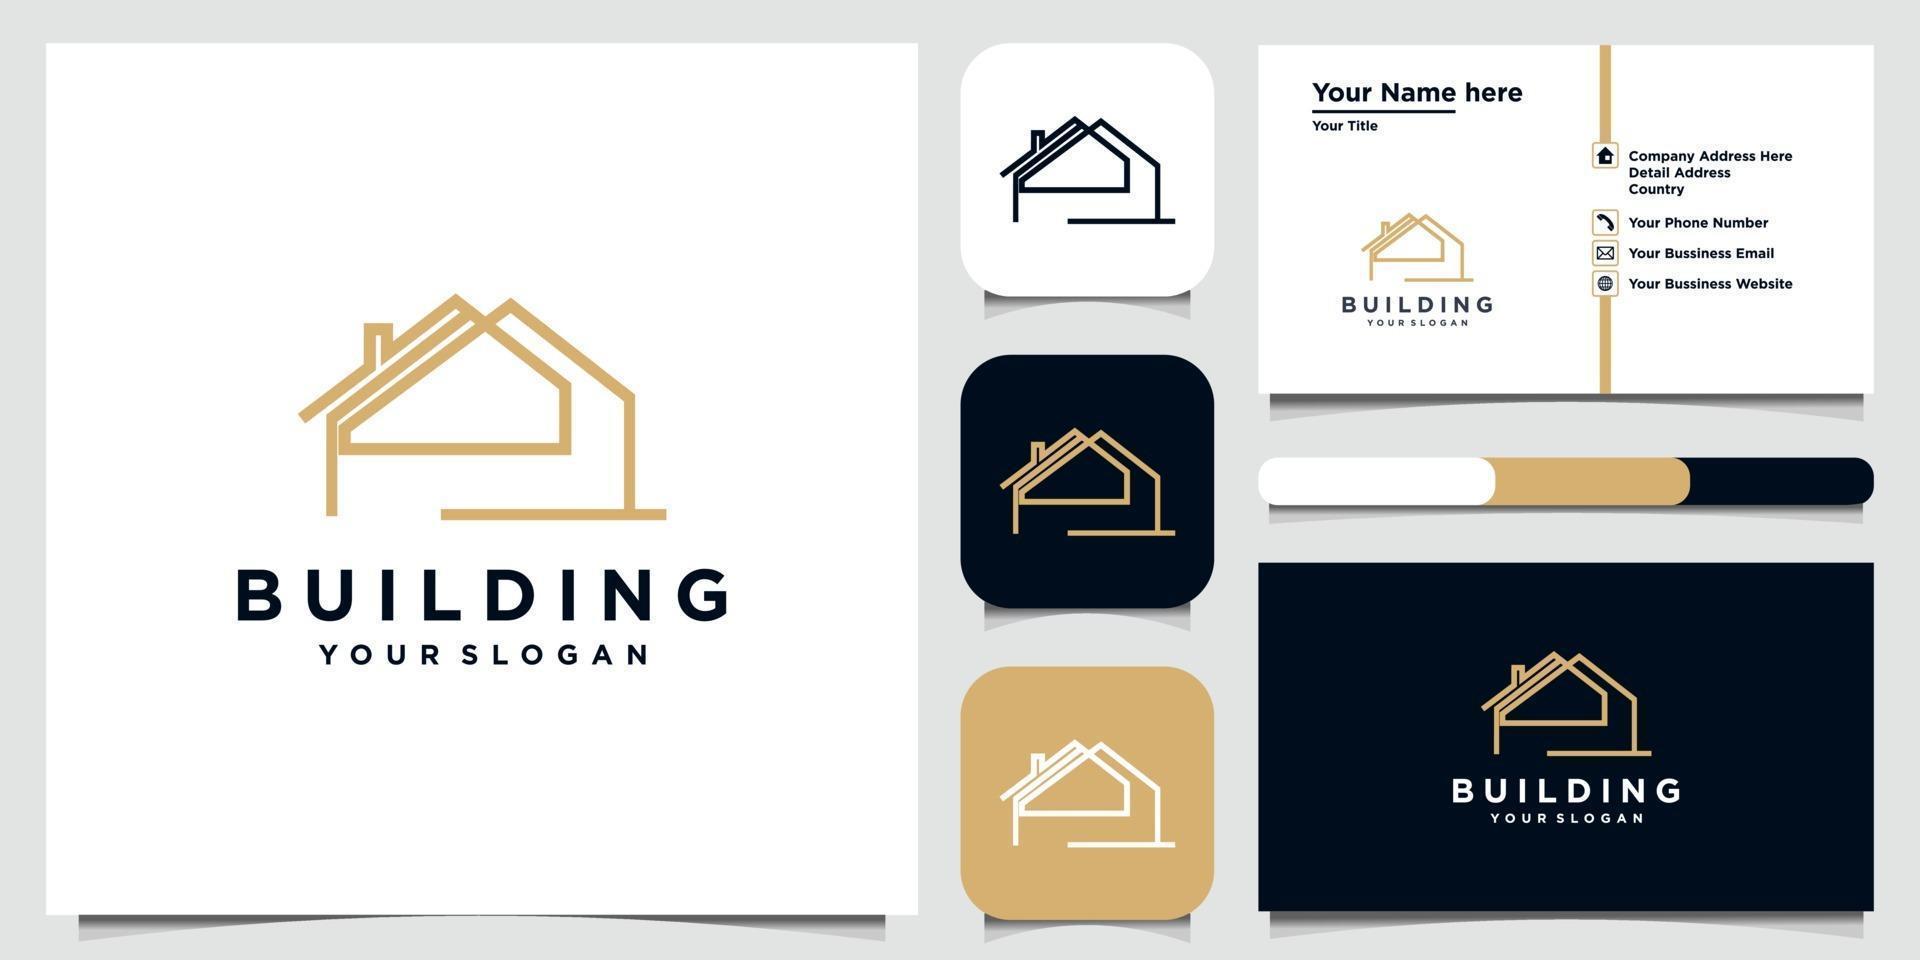 Building logo design in line art. logo design and business card set vector